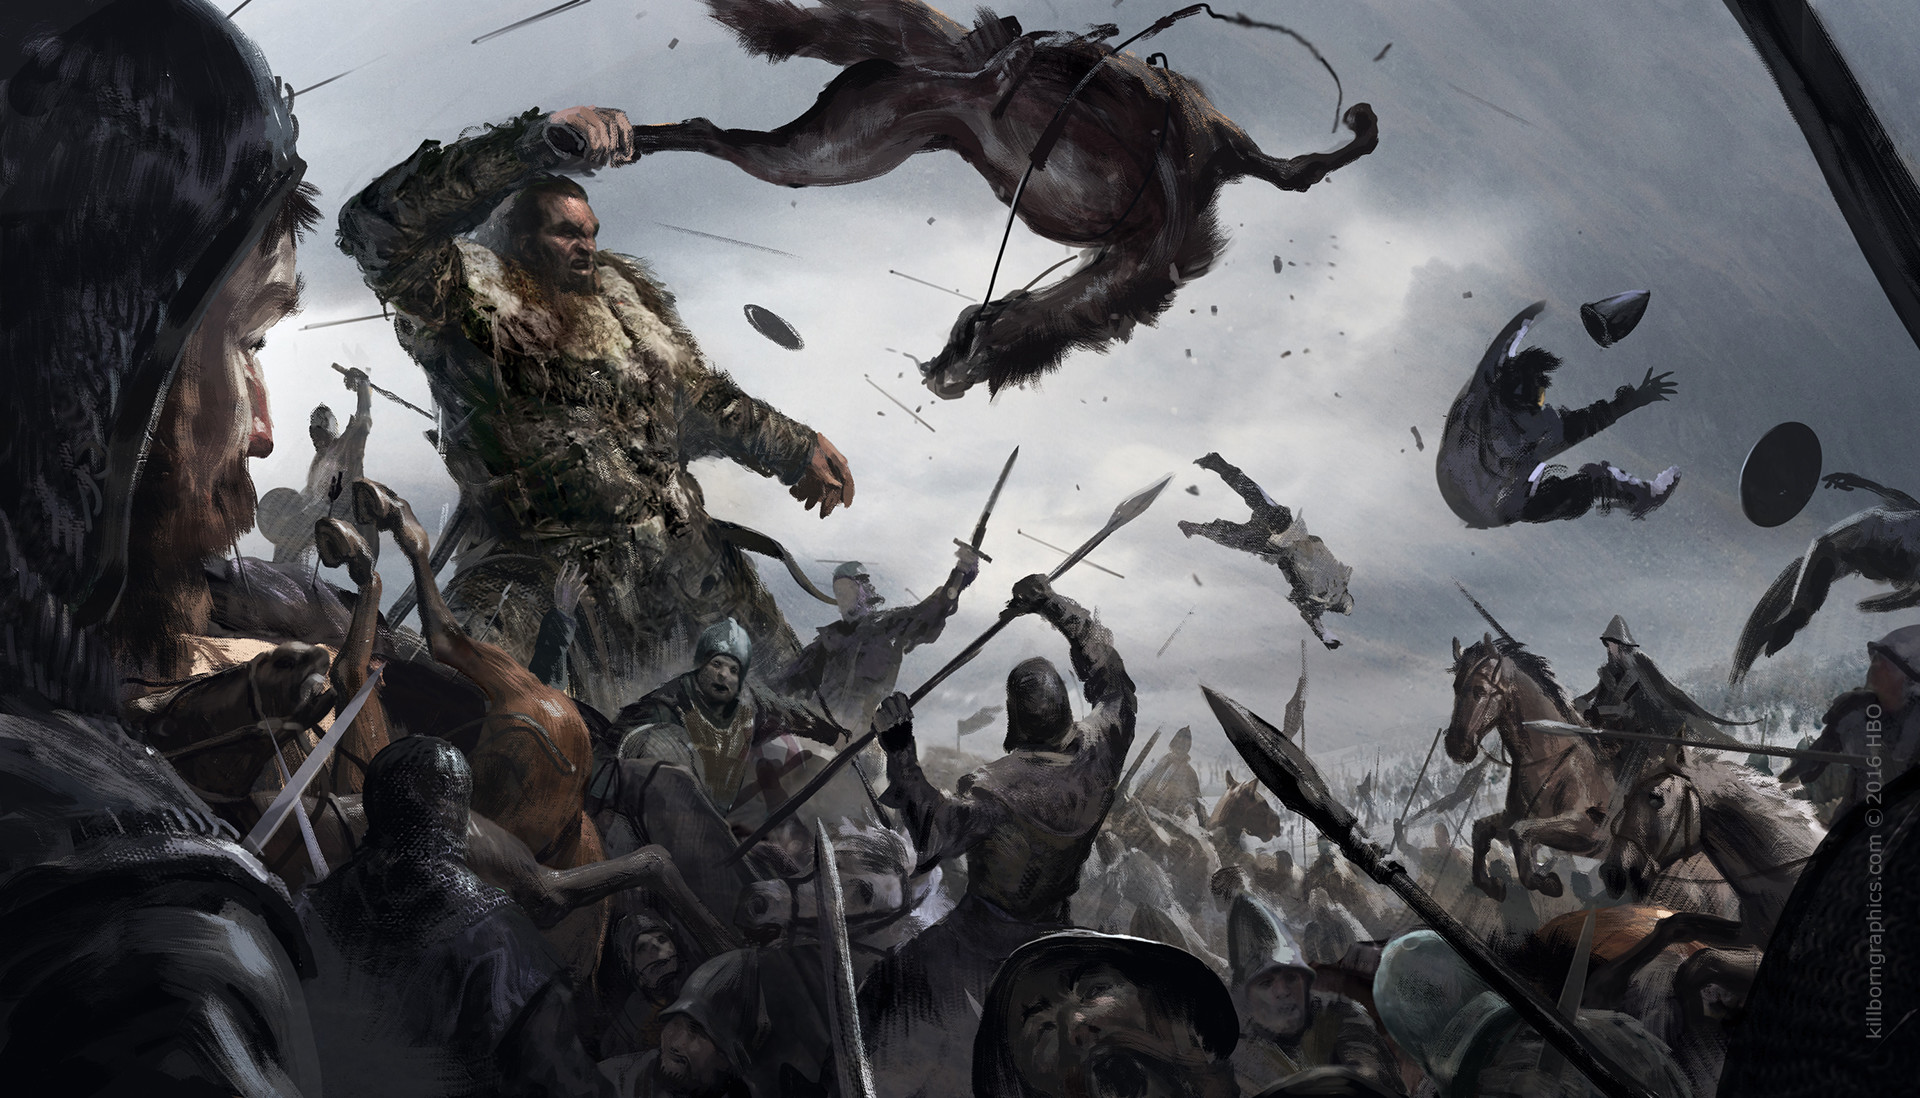 La Batalla de los Bastardos Temporada 6 - 30 imágenes de Concept Art de Juego de Tronos Sorprendentes